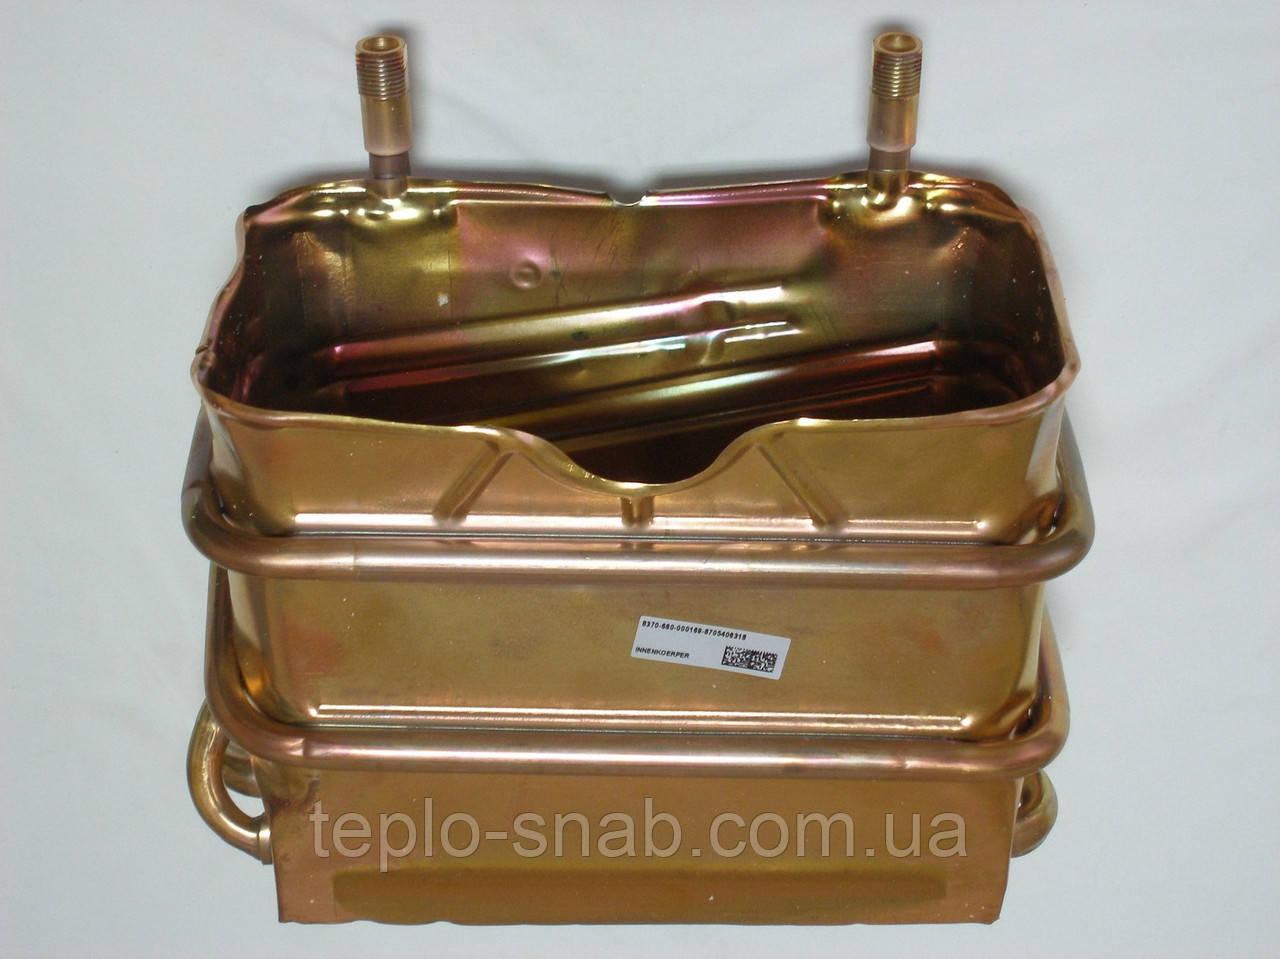 Теплообменник первичный для газового котла Junkers / Bosch ZW 23-1 KE. 8705406428, 8705406318